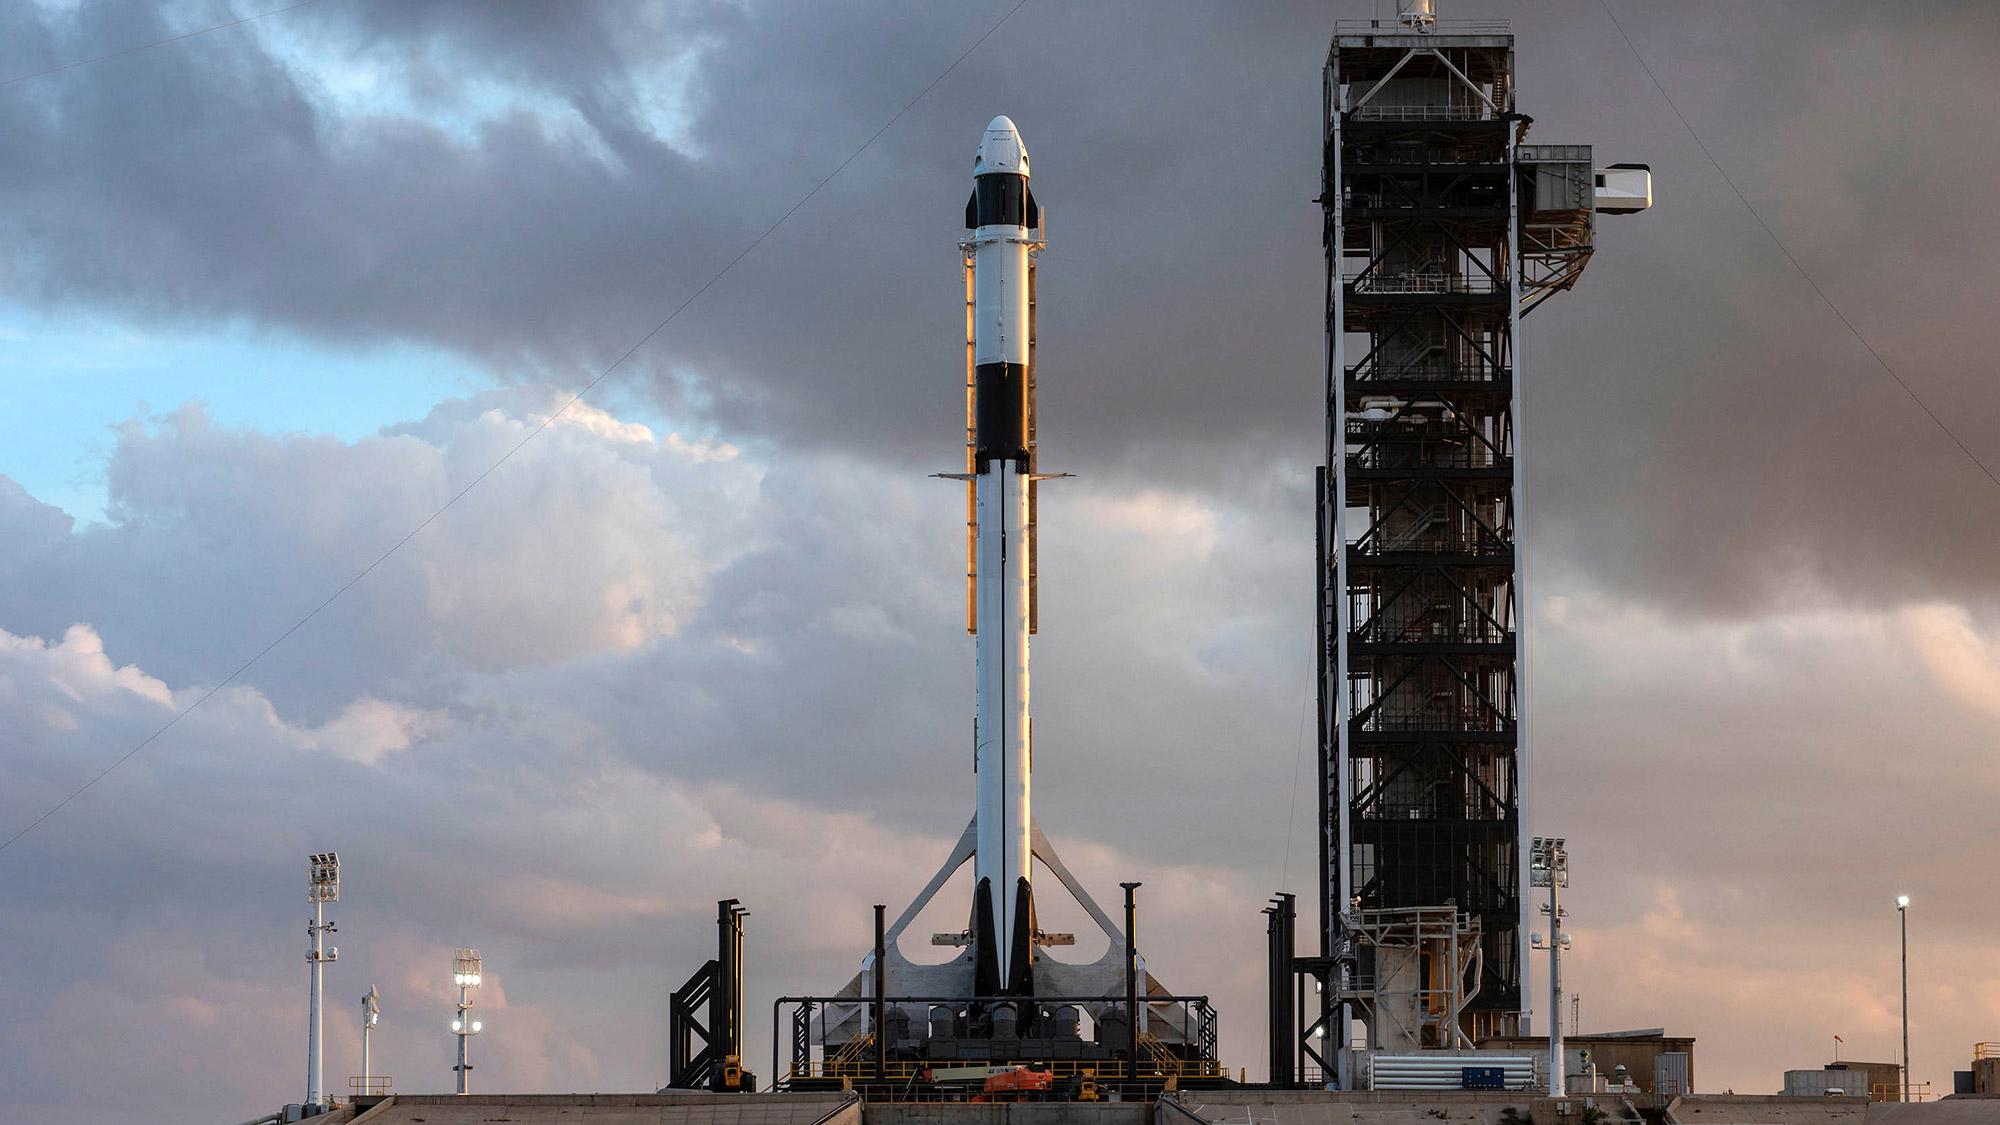 Ракета SpaceX стартовала на орбиту с новой партией из 60 интернет-спутников Starlink